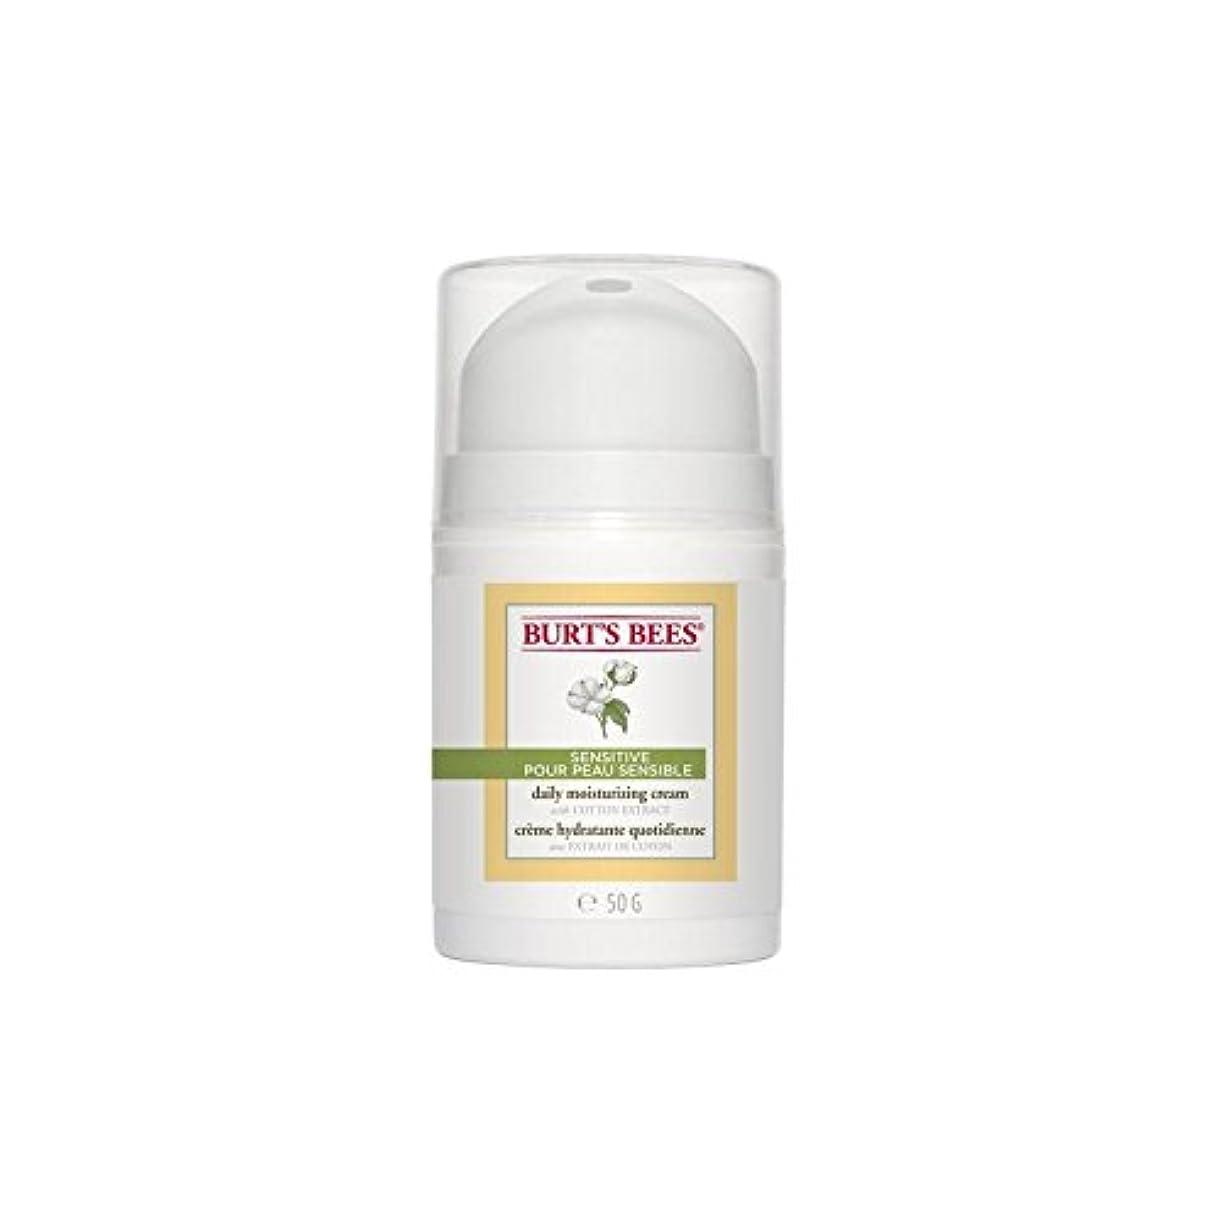 未満統計合成バーツビー敏感毎日保湿クリーム50グラム x4 - Burt's Bees Sensitive Daily Moisturising Cream 50G (Pack of 4) [並行輸入品]